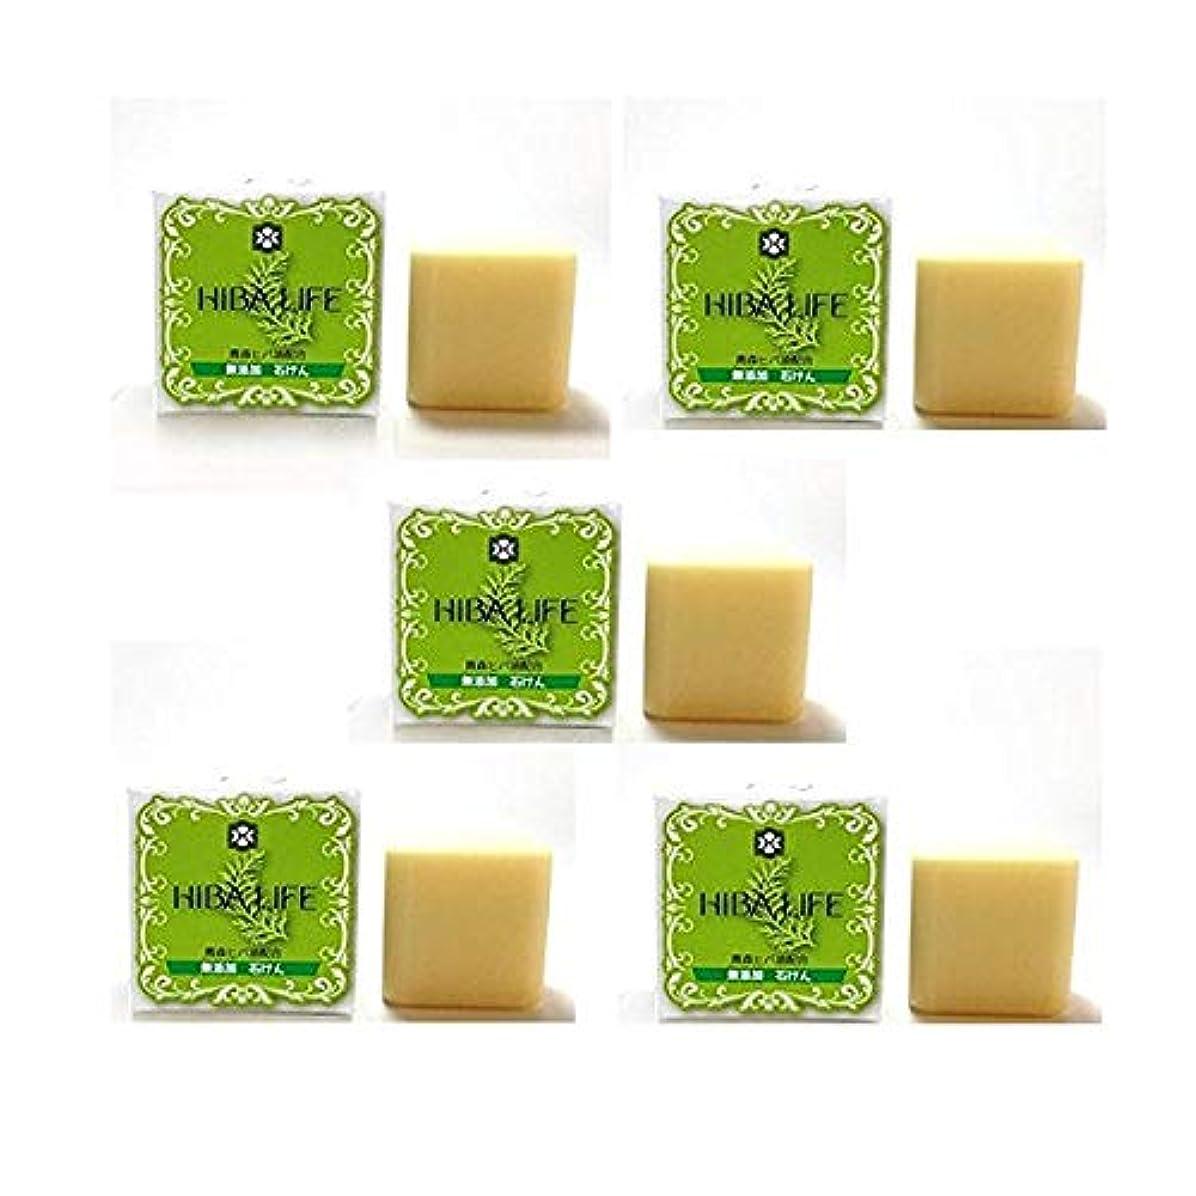 ヘッジ改善するファンシーヒバ石鹸 ひばの森化粧石鹸5個セット(100g×5個) 青森ヒバ精油配合の無添加ひば石鹸